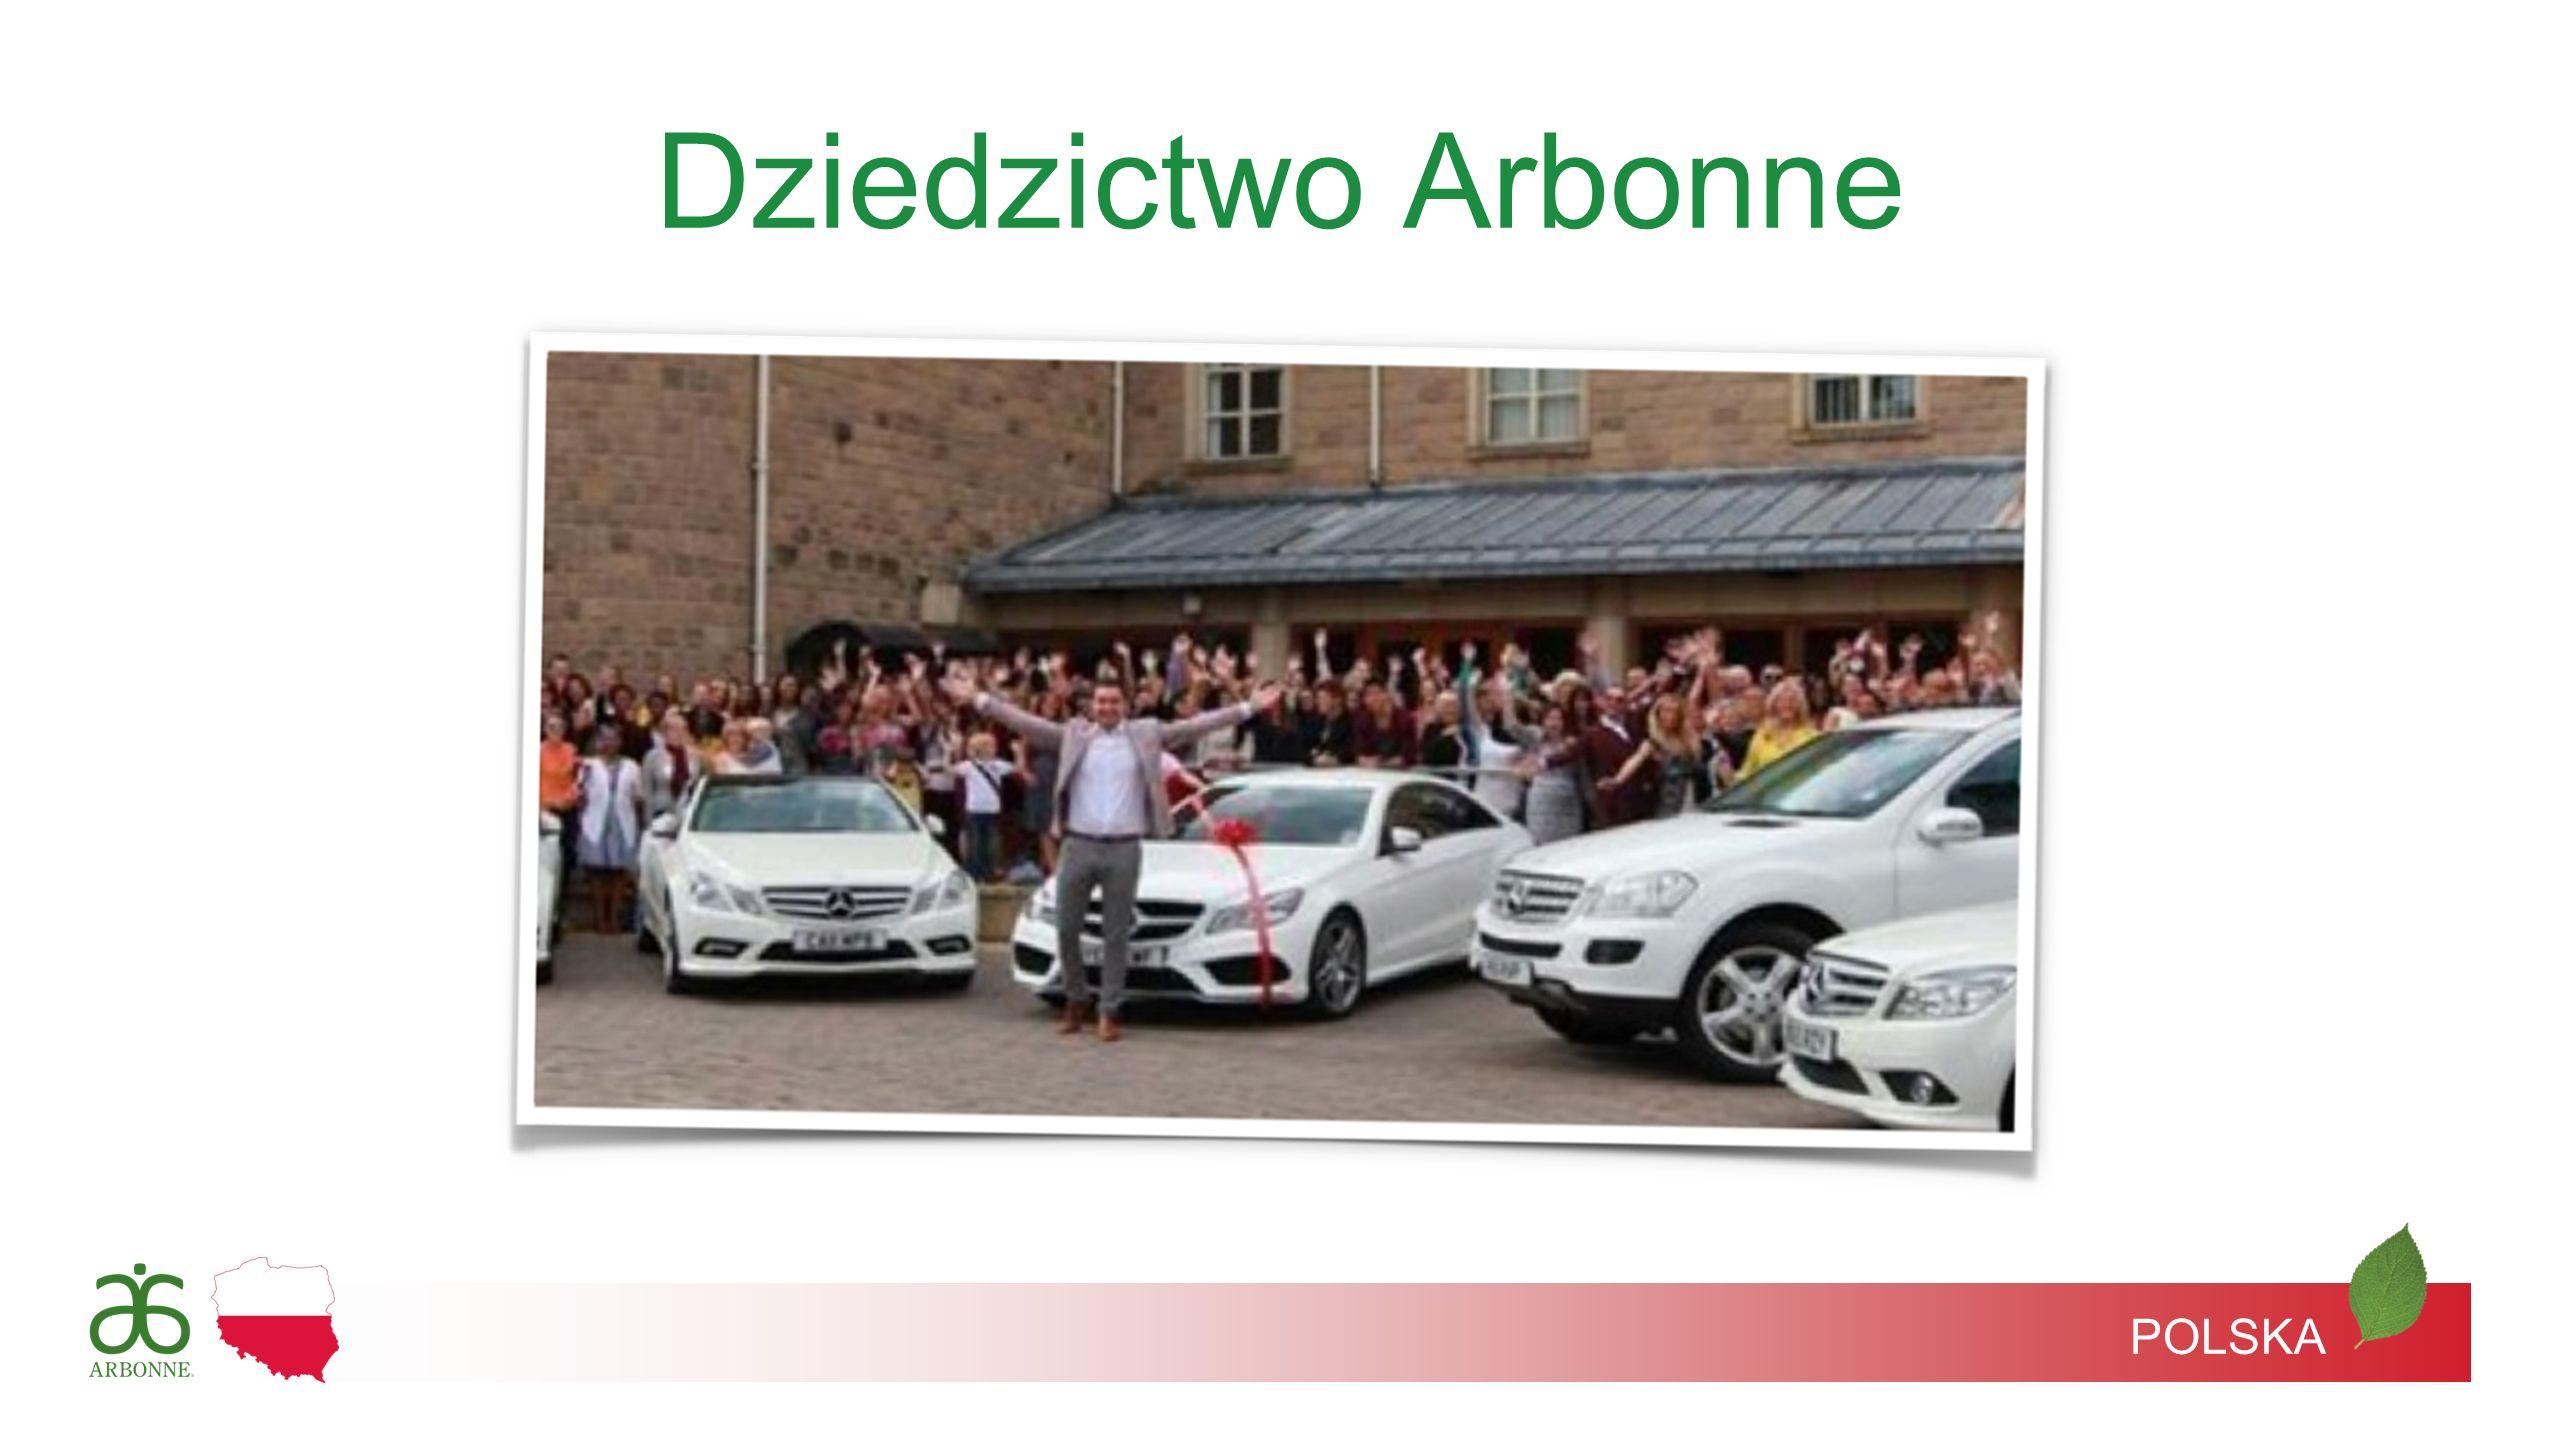 Arbonne Special Value Pack POLSKA CODZIENNA PIELĘGNACJA Wartość zestawu 659 PLN 329.50 PLN Cena Niezależnego Konsultanta Oszczędności 329.50 PLN 50% zniżki 124 QV 395.40 PLN Cena Klienta Preferencyjnego Oszczędności 263.60 PLN 40% zniżki 124 QV